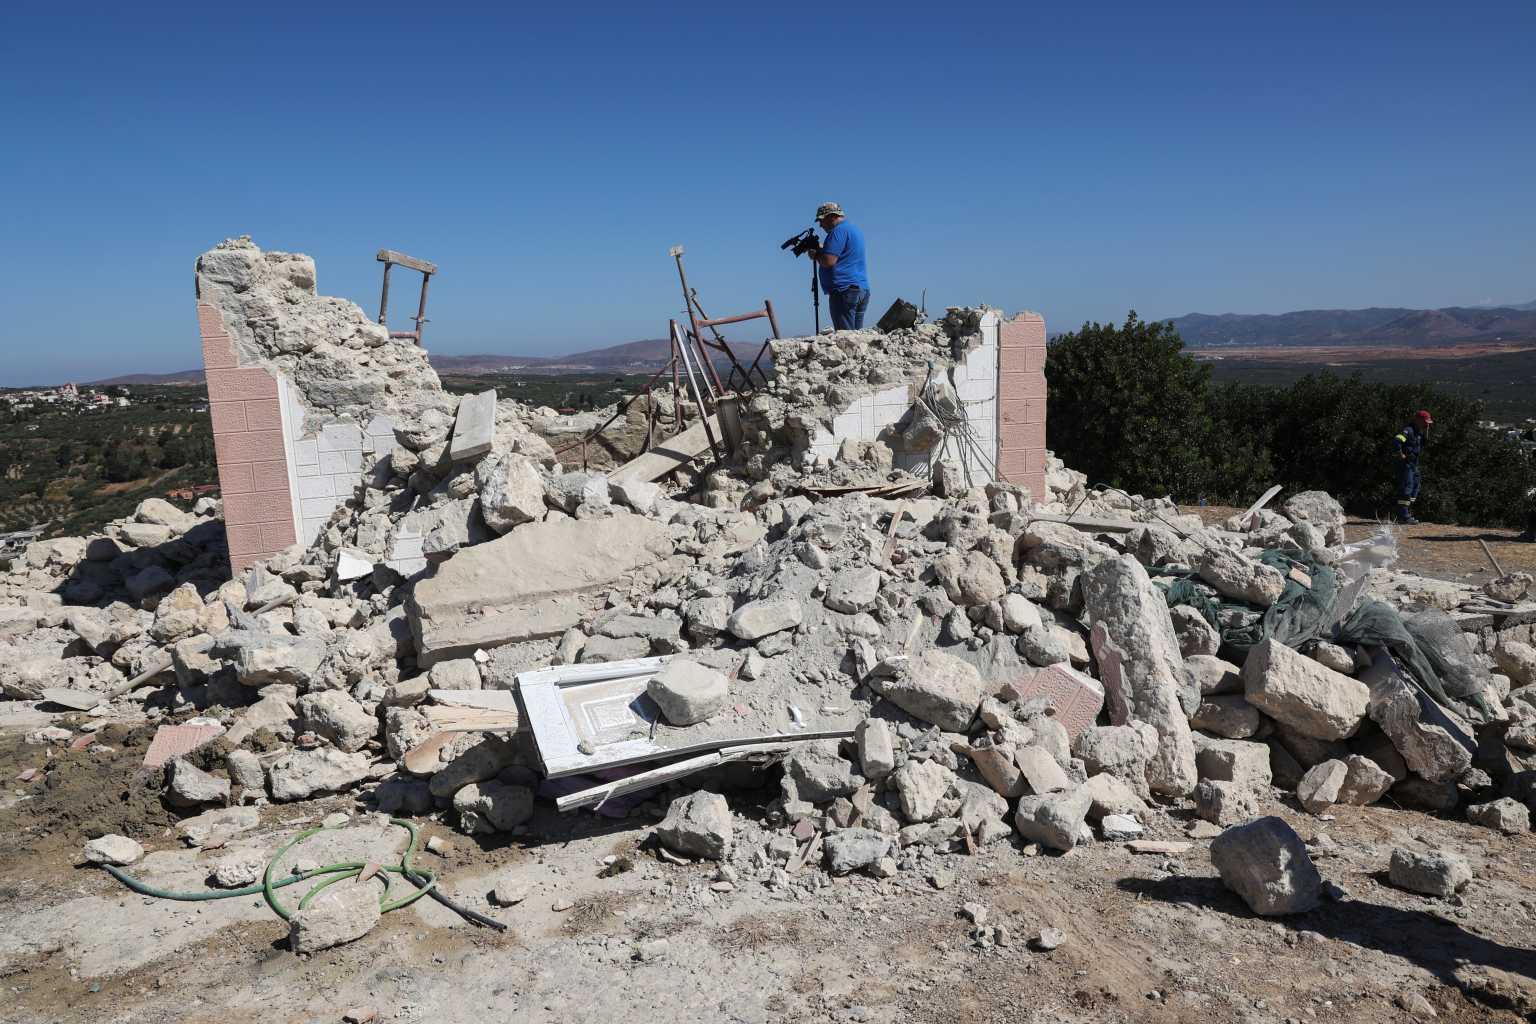 Σεισμός στο Ηράκλειο: Πάνω από 4 Ρίχτερ η πρώτη εκτίμηση